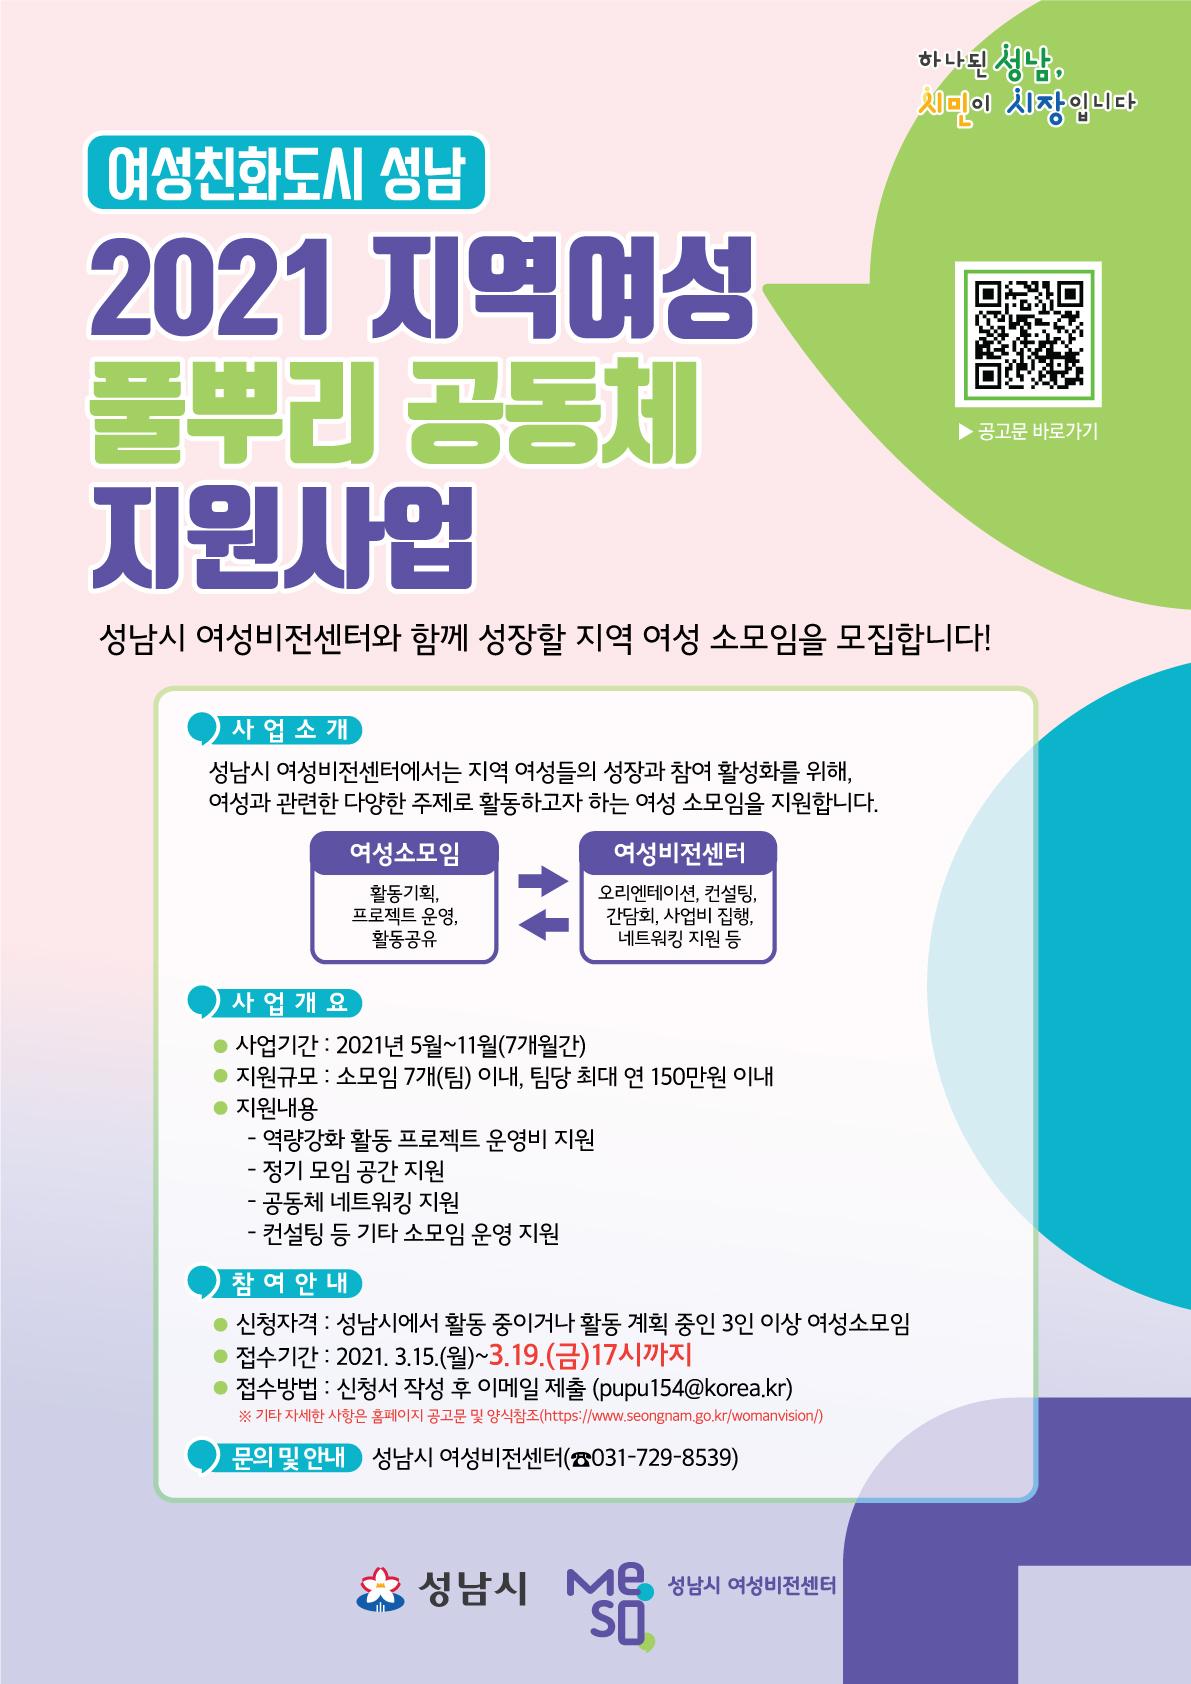 2021년 지역여성 풀뿌리공동체 지원사업